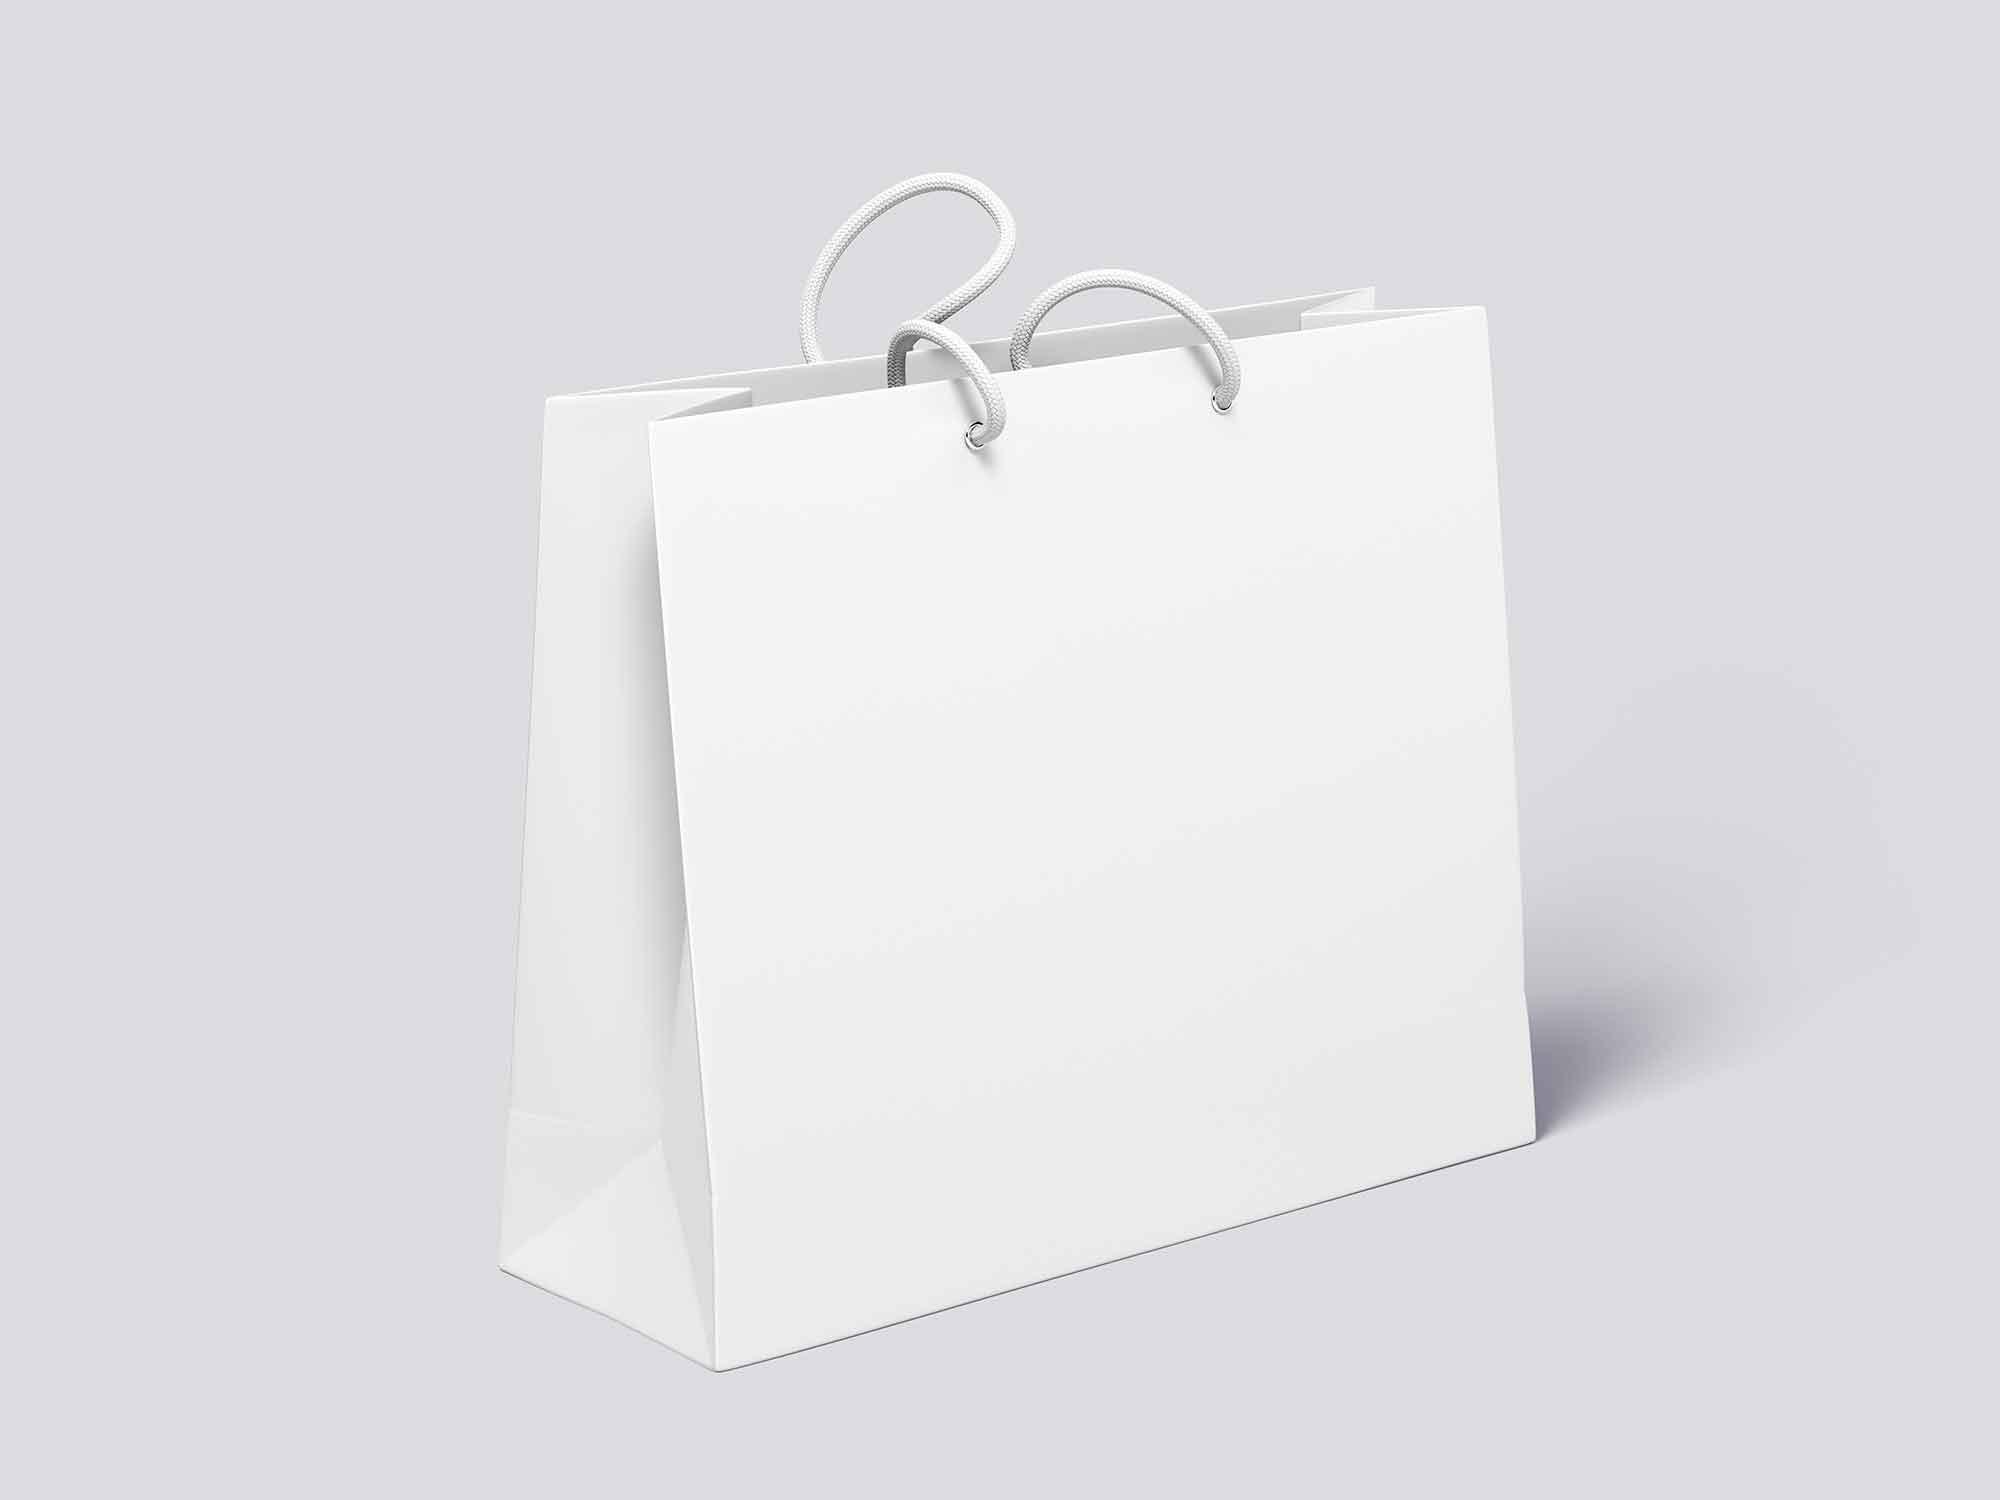 High Resolution Bag Mockup 2